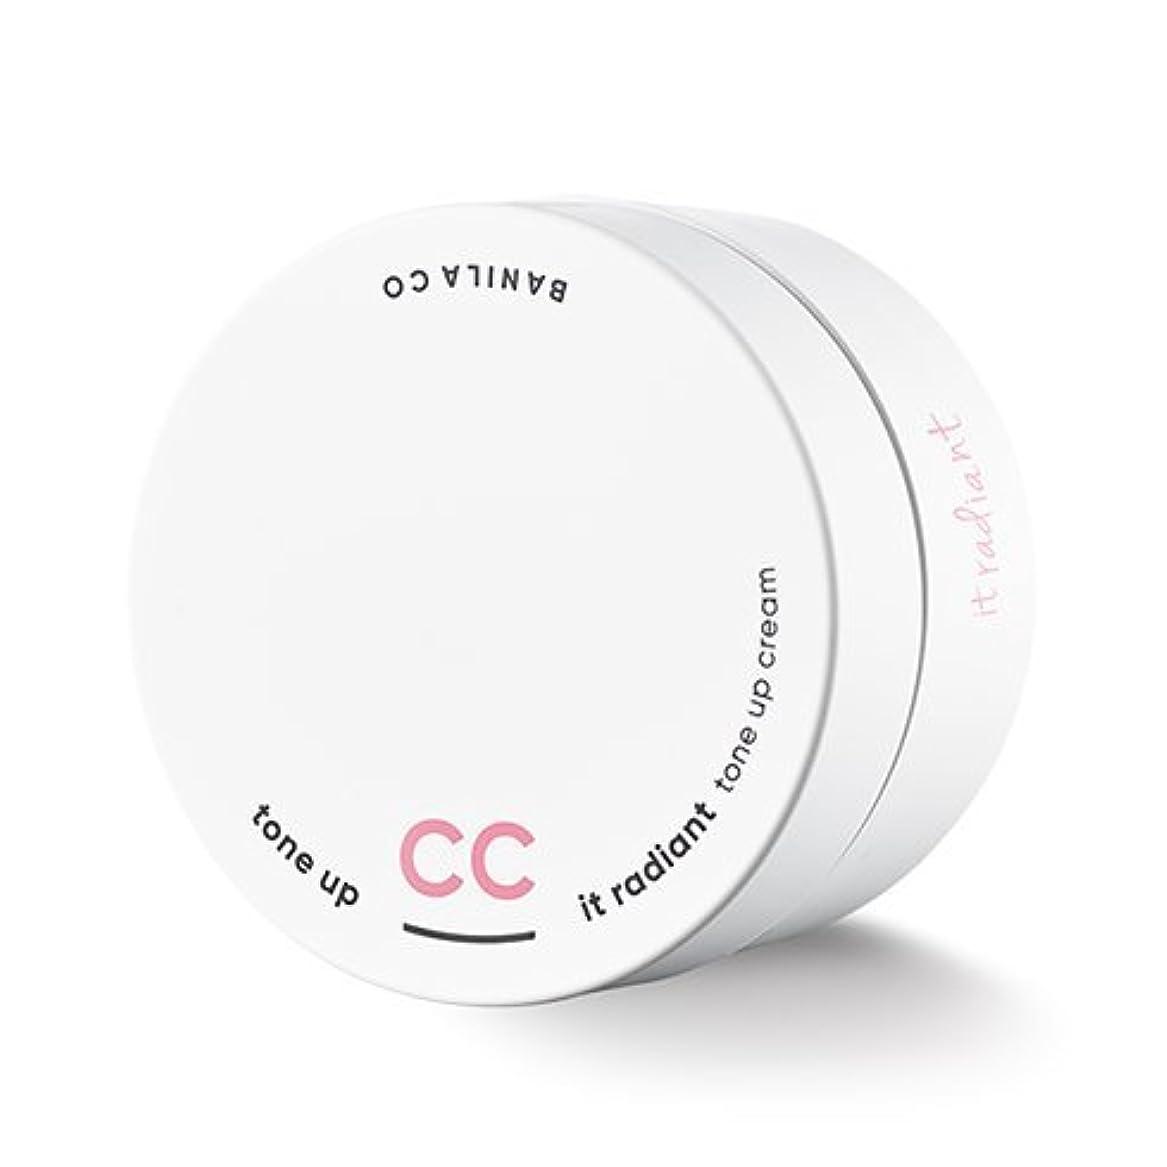 挽く正しくフリンジBANILA CO It Radiant CC Tone Up Cream 50ml/バニラコ イット ラディアント CC トーンアップ クリーム 50ml [並行輸入品]